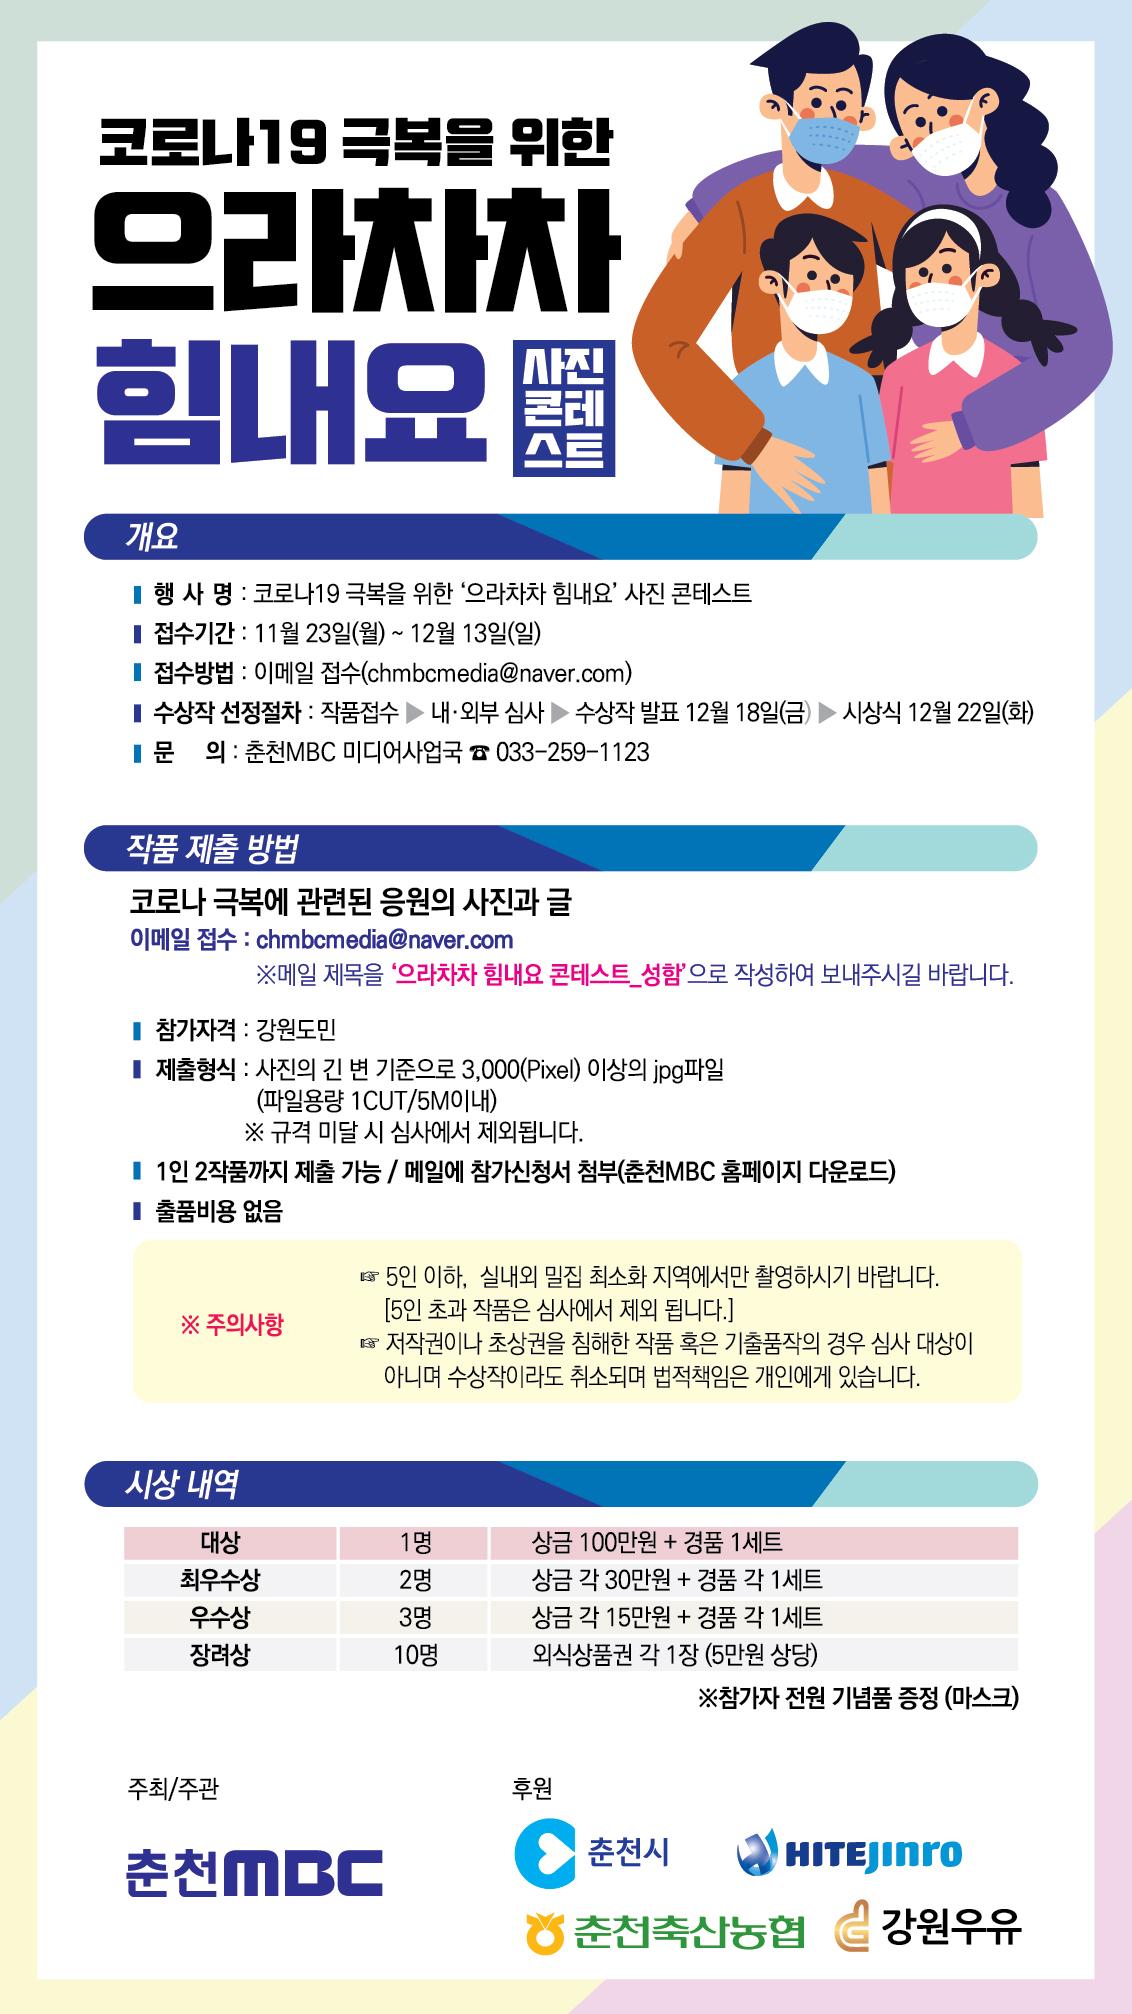 '으라차차힘내요' 사진콘테스트 행사정보